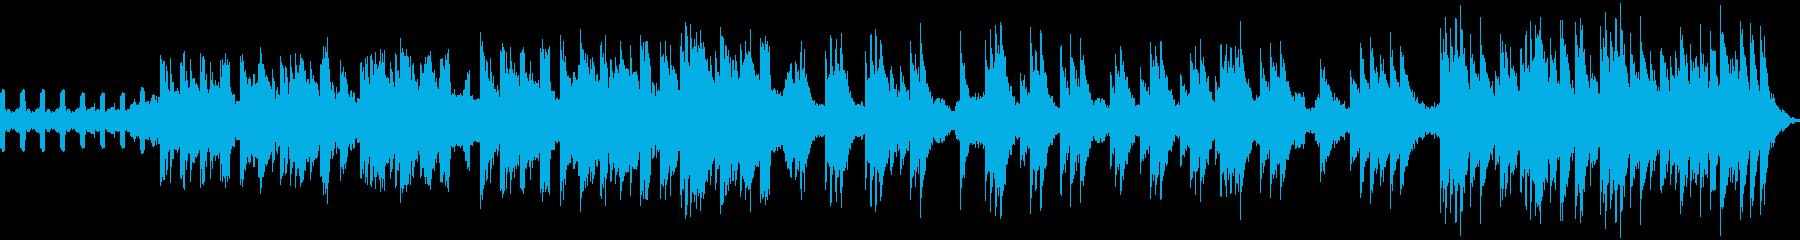 冬向けのやさしいBGMの再生済みの波形